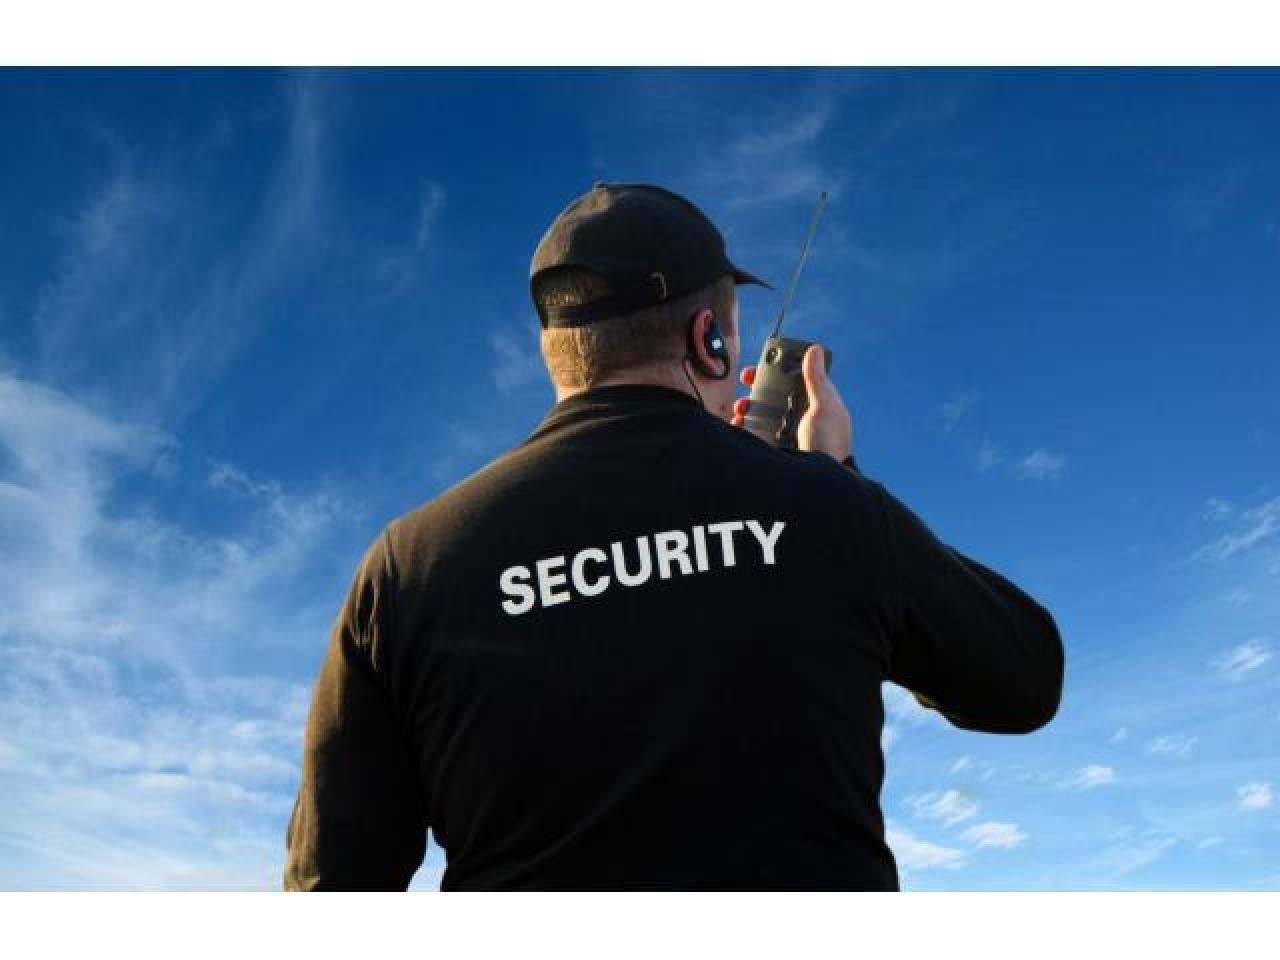 Hunter Recruitment предоставляет курсы для получения SIA security license - 1